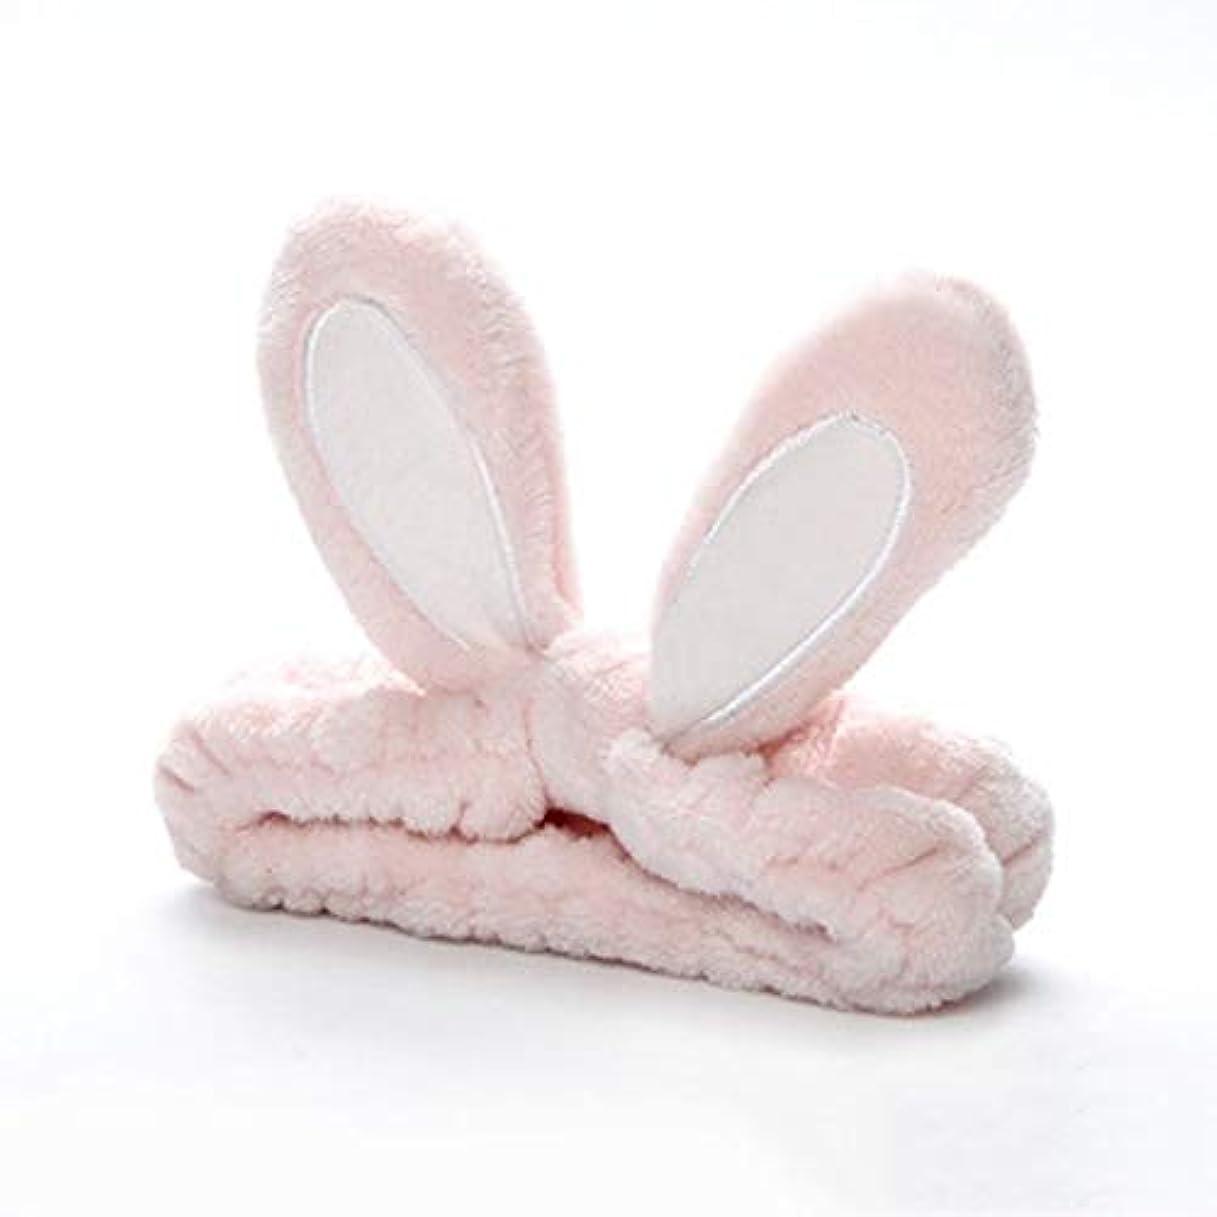 かわいいうさぎ耳帽子洗浄顔とメイクアップ新しくファッションヘッドバンド - ライトピンク